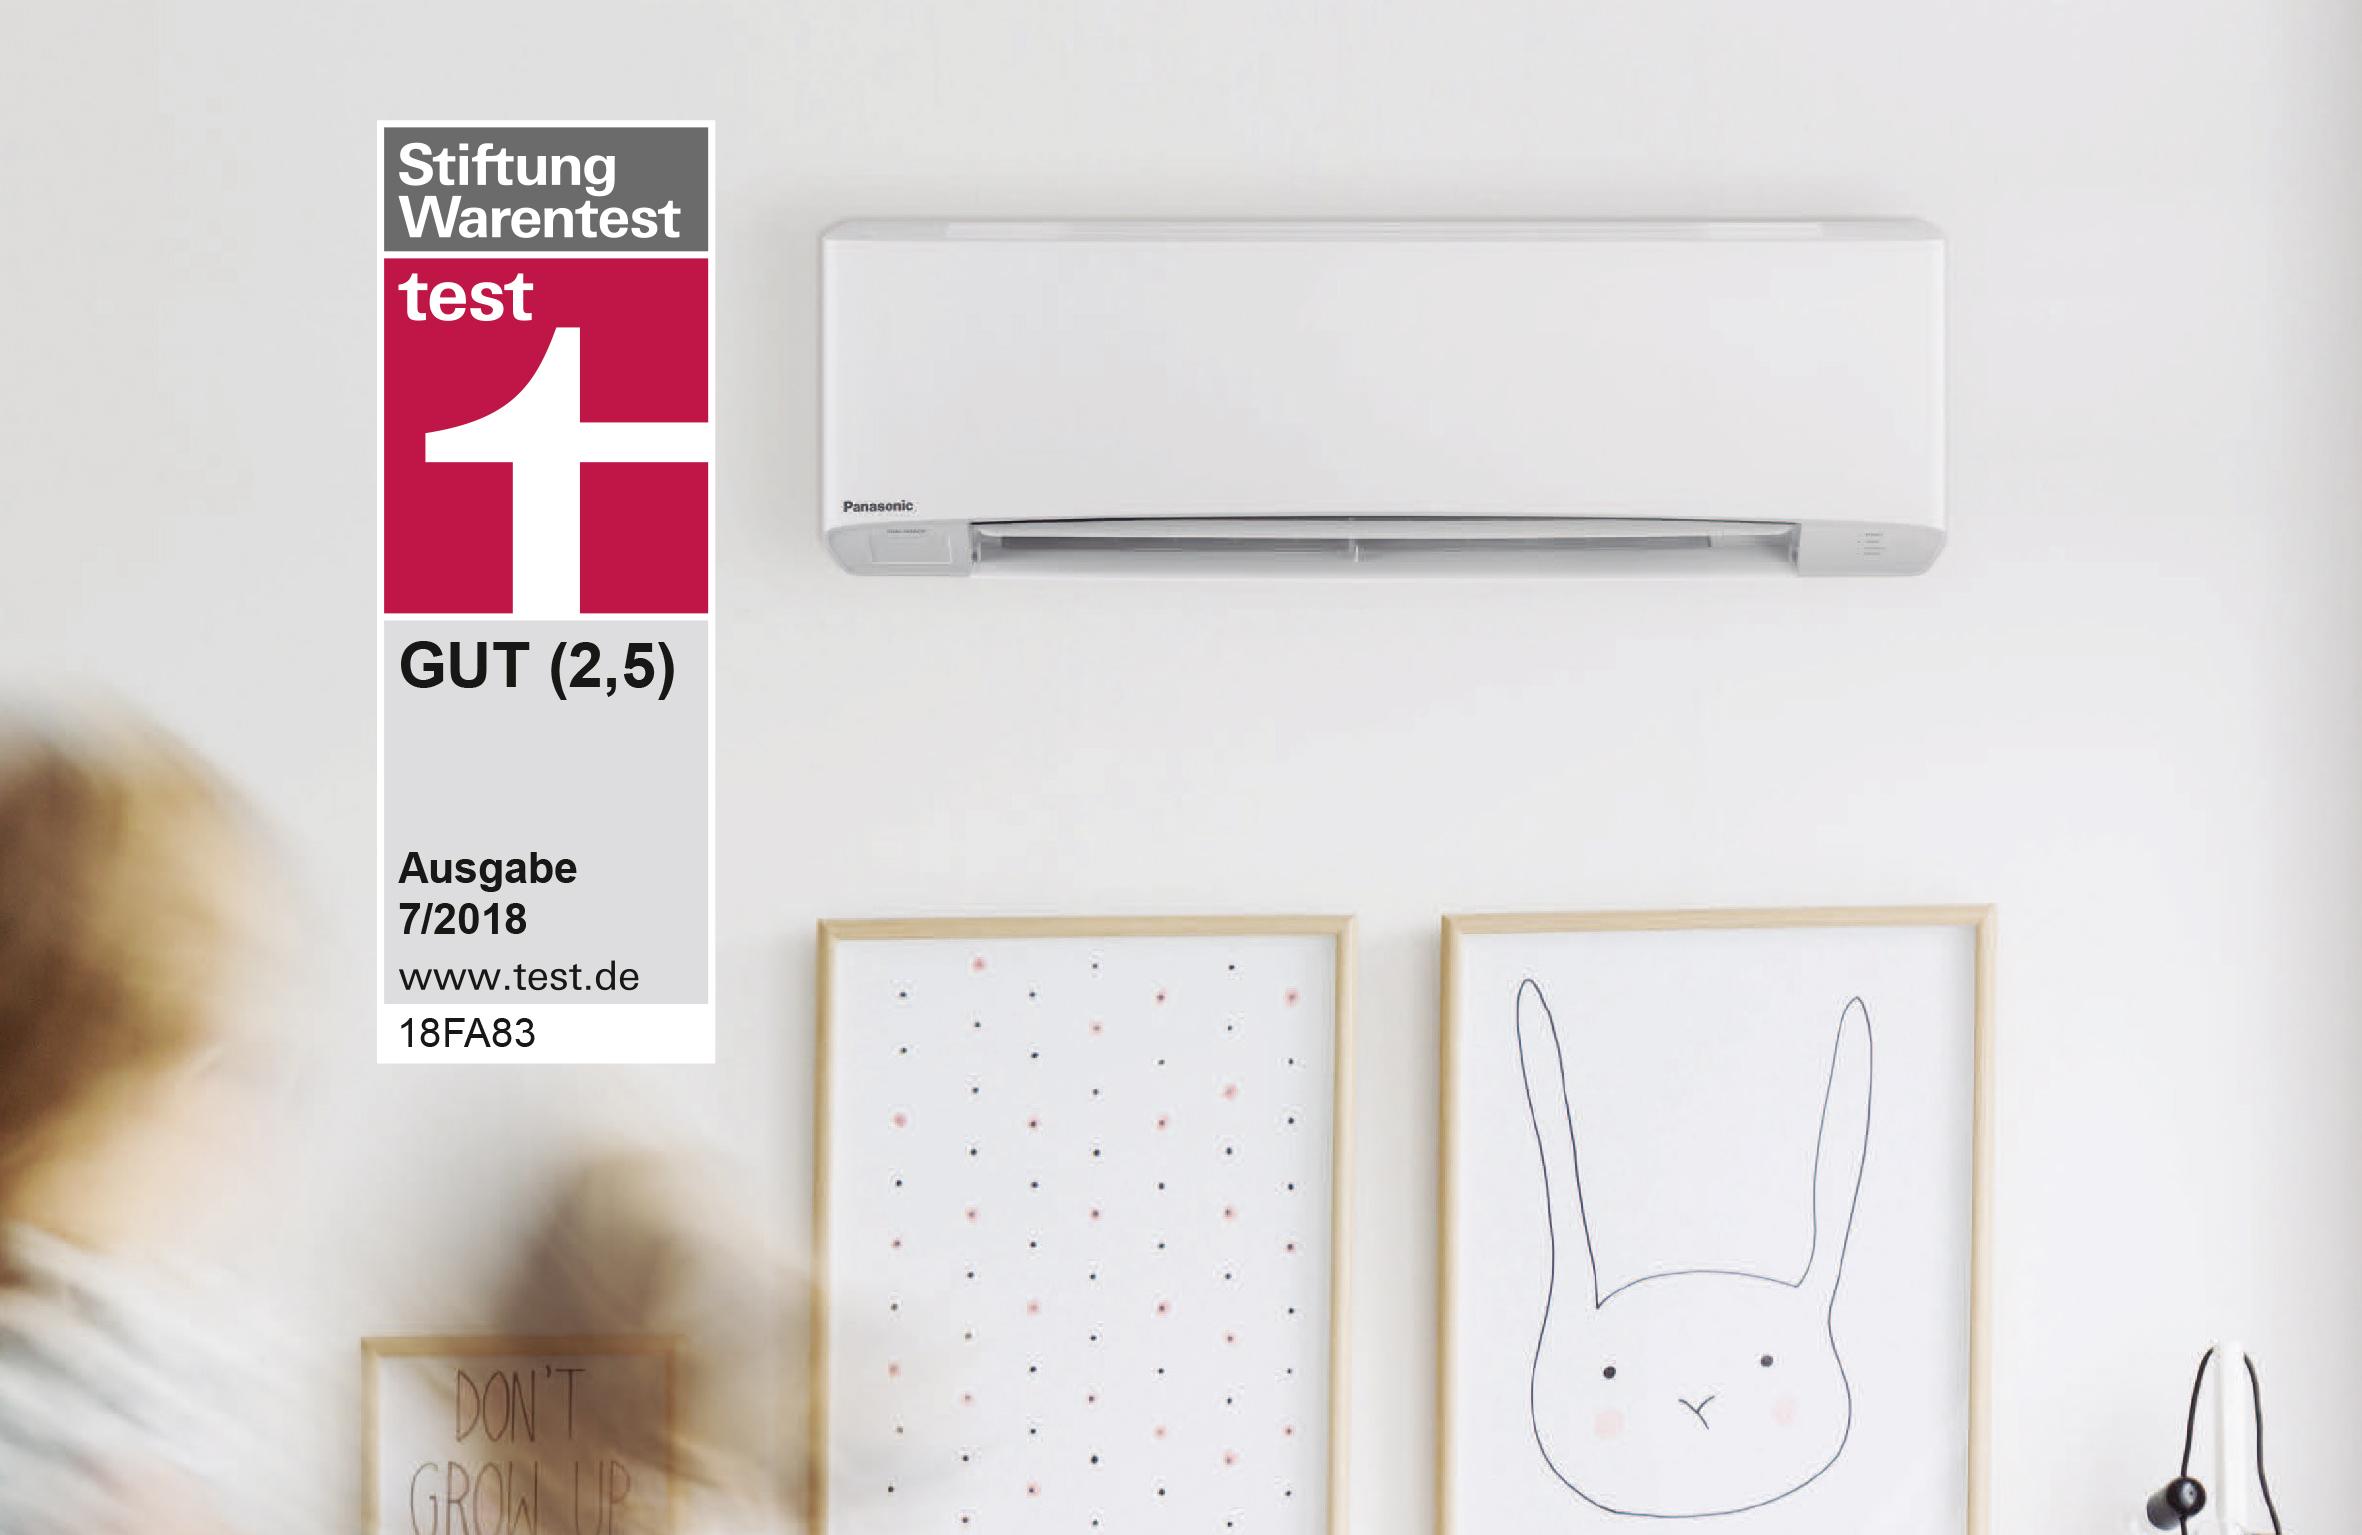 panasonic raumklimager t ist testsieger bei der stiftung warentest das einzige split. Black Bedroom Furniture Sets. Home Design Ideas